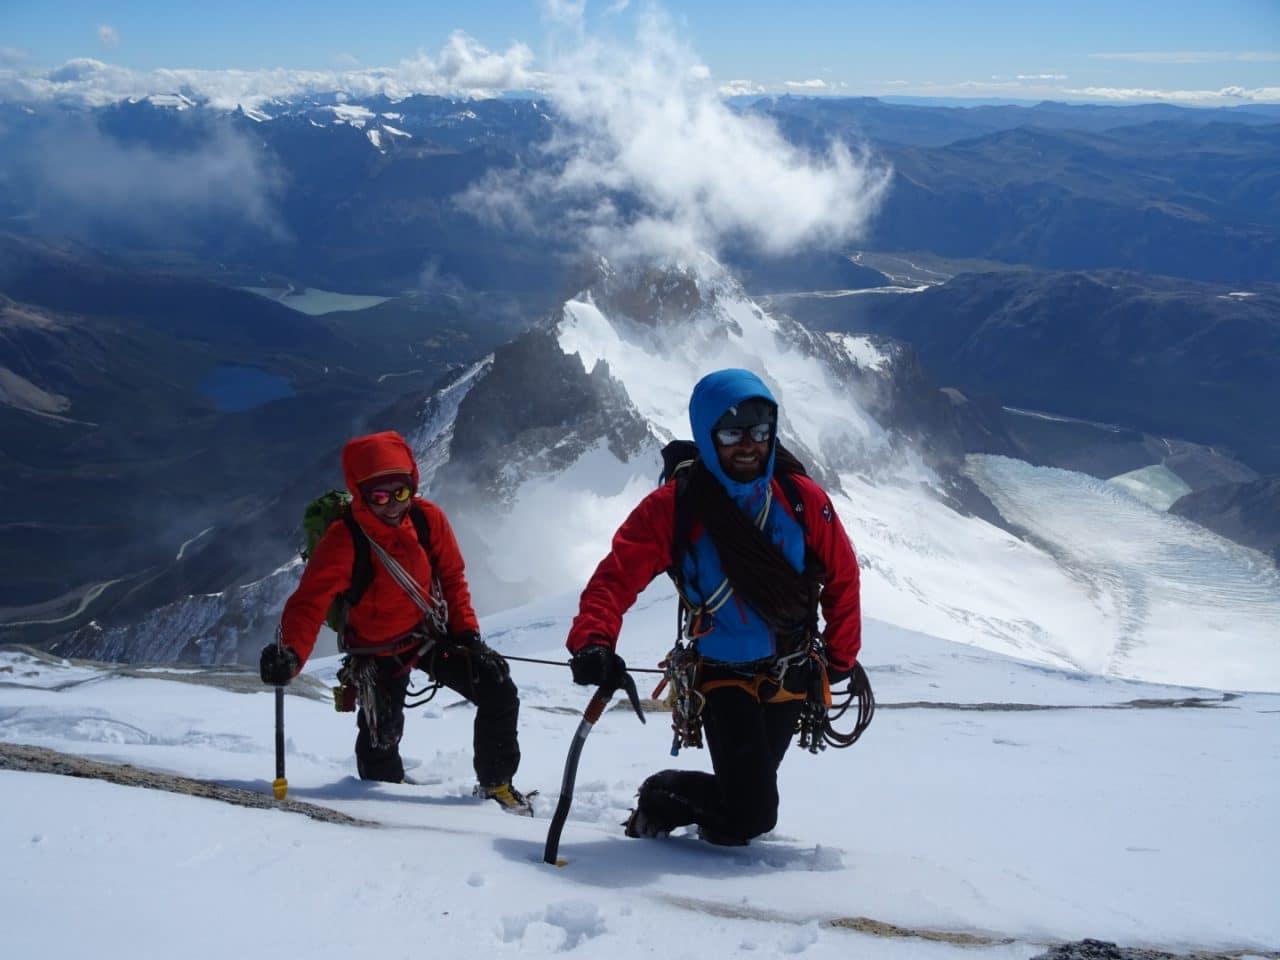 patagonie-argentine-voyage-helyum-yann-nussbaumer-6